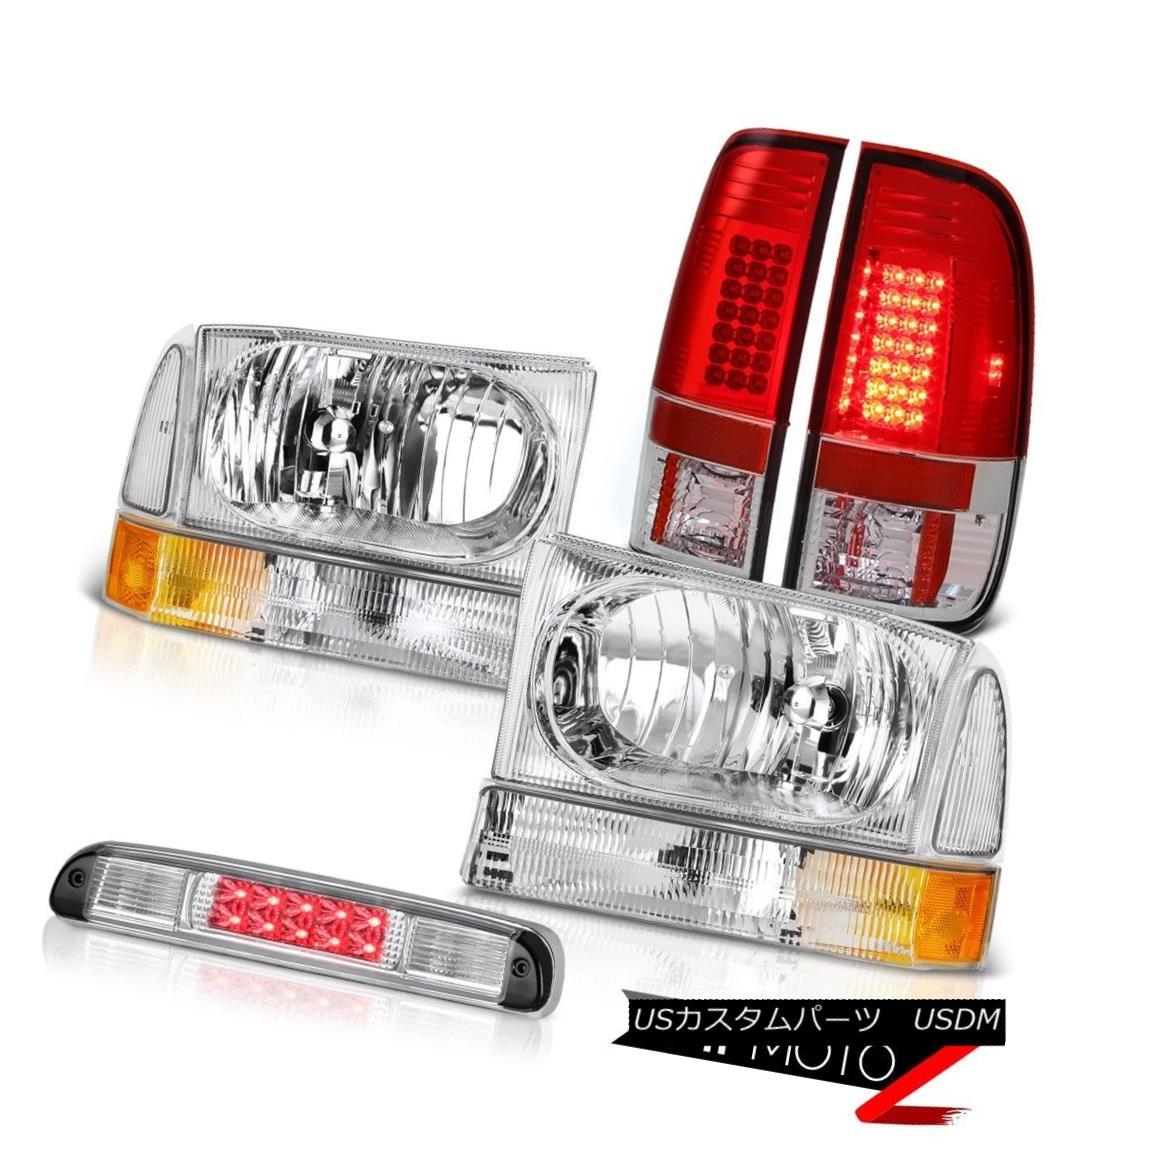 テールライト Clear Headlights LED Tail Lights High Brake Cargo 99 00 01 02 03 04 F350 6.0L クリアヘッドライトLEDテールライトハイブレーキ貨物99 00 01 02 03 04 F350 6.0L